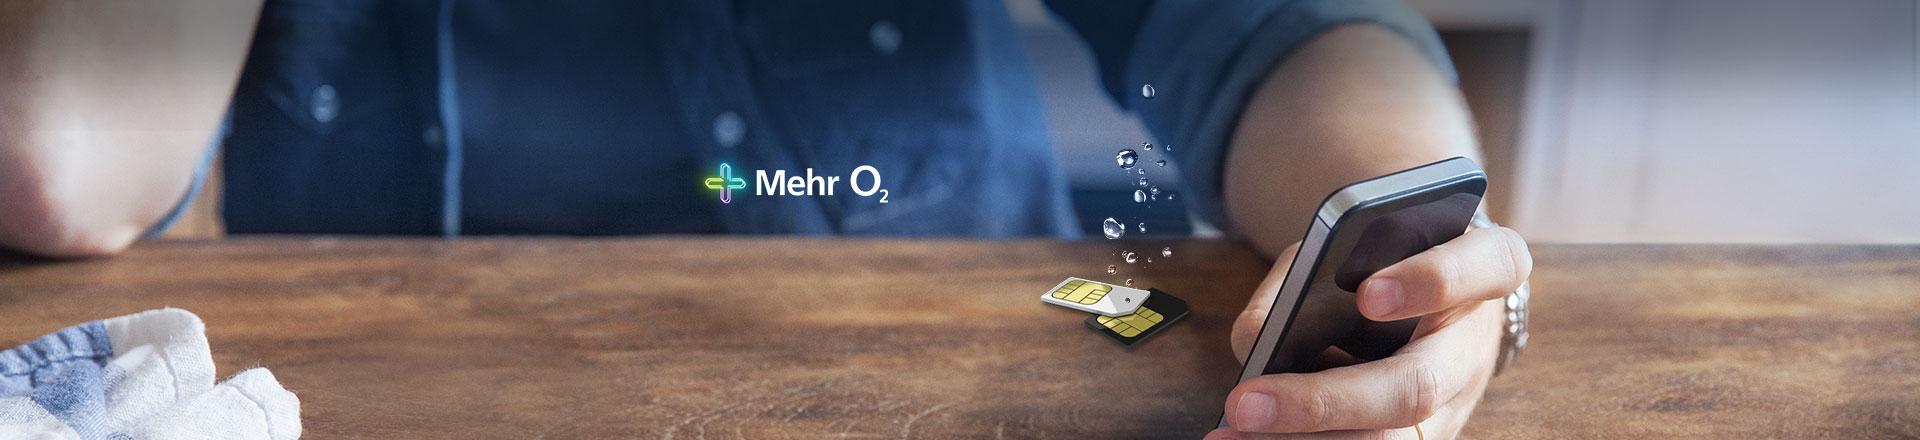 SIM-Karten-Service